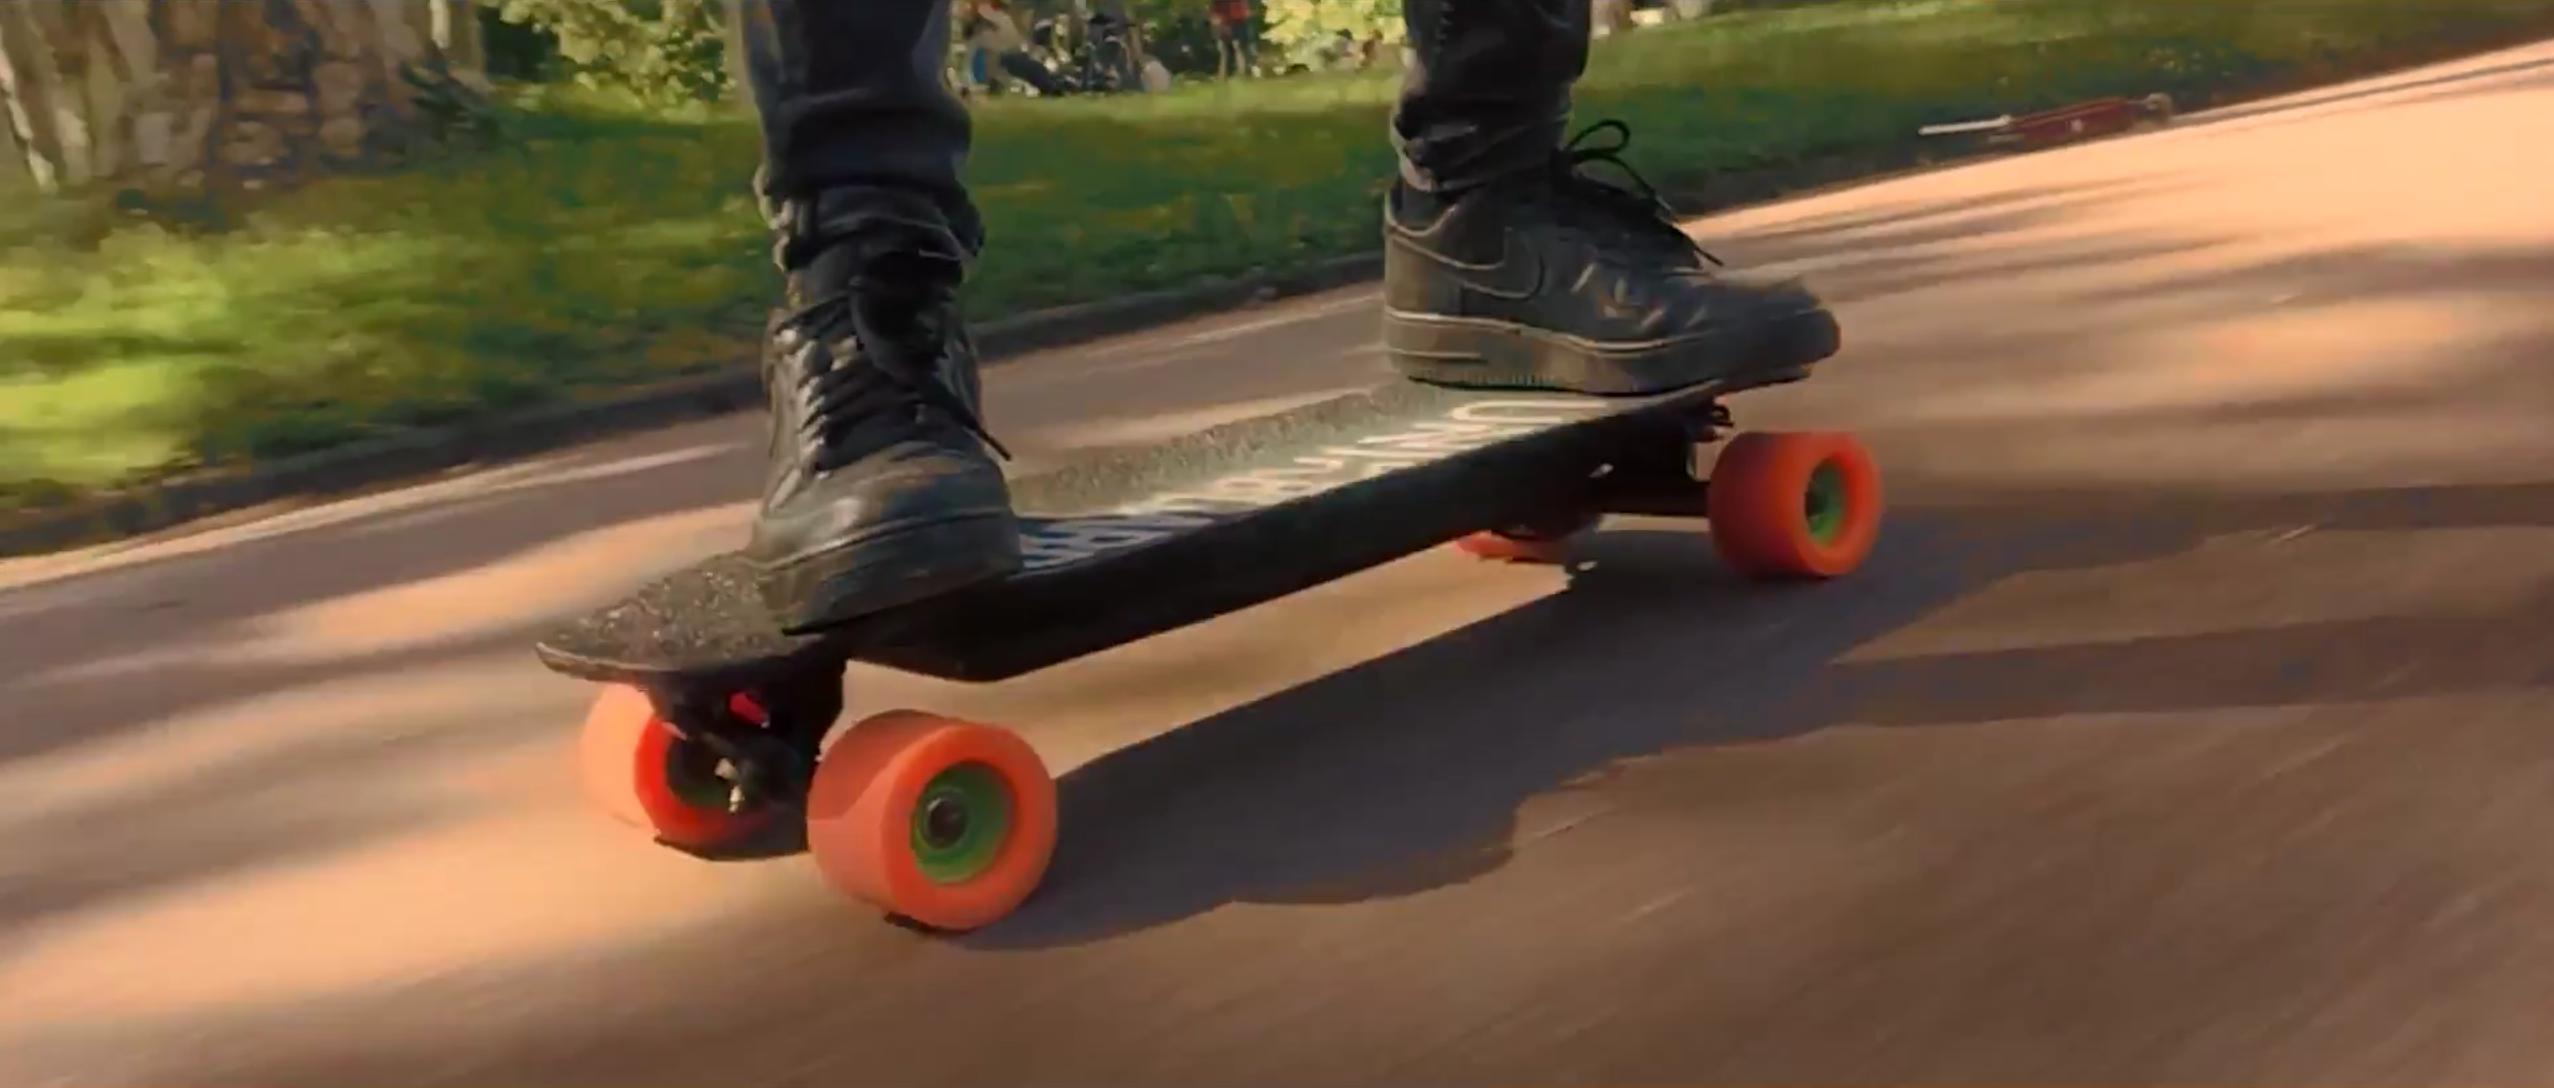 Unikboards, une nouvelle video pour nous faire patienter